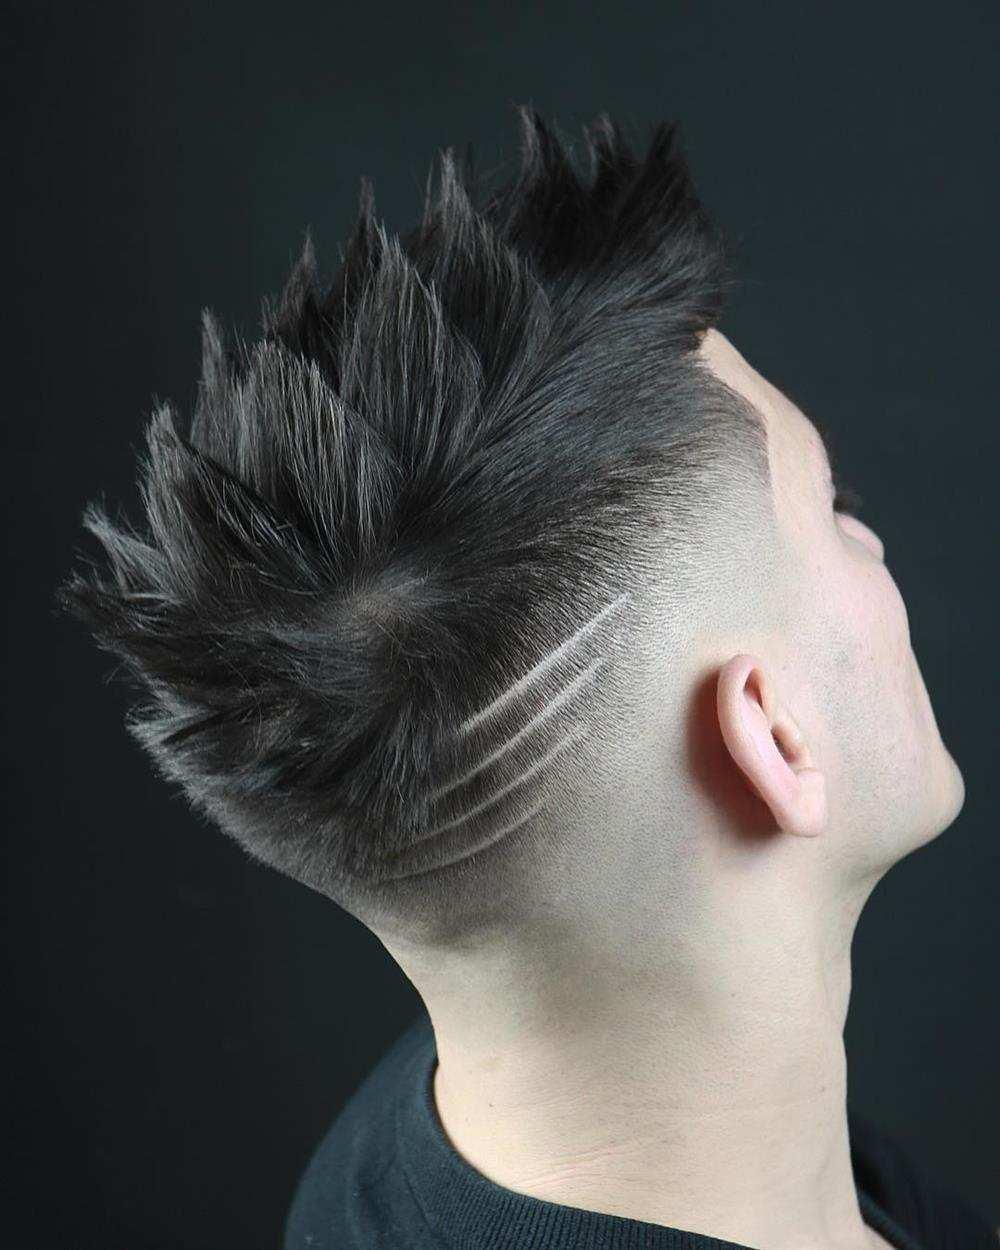 riscos no cabelo